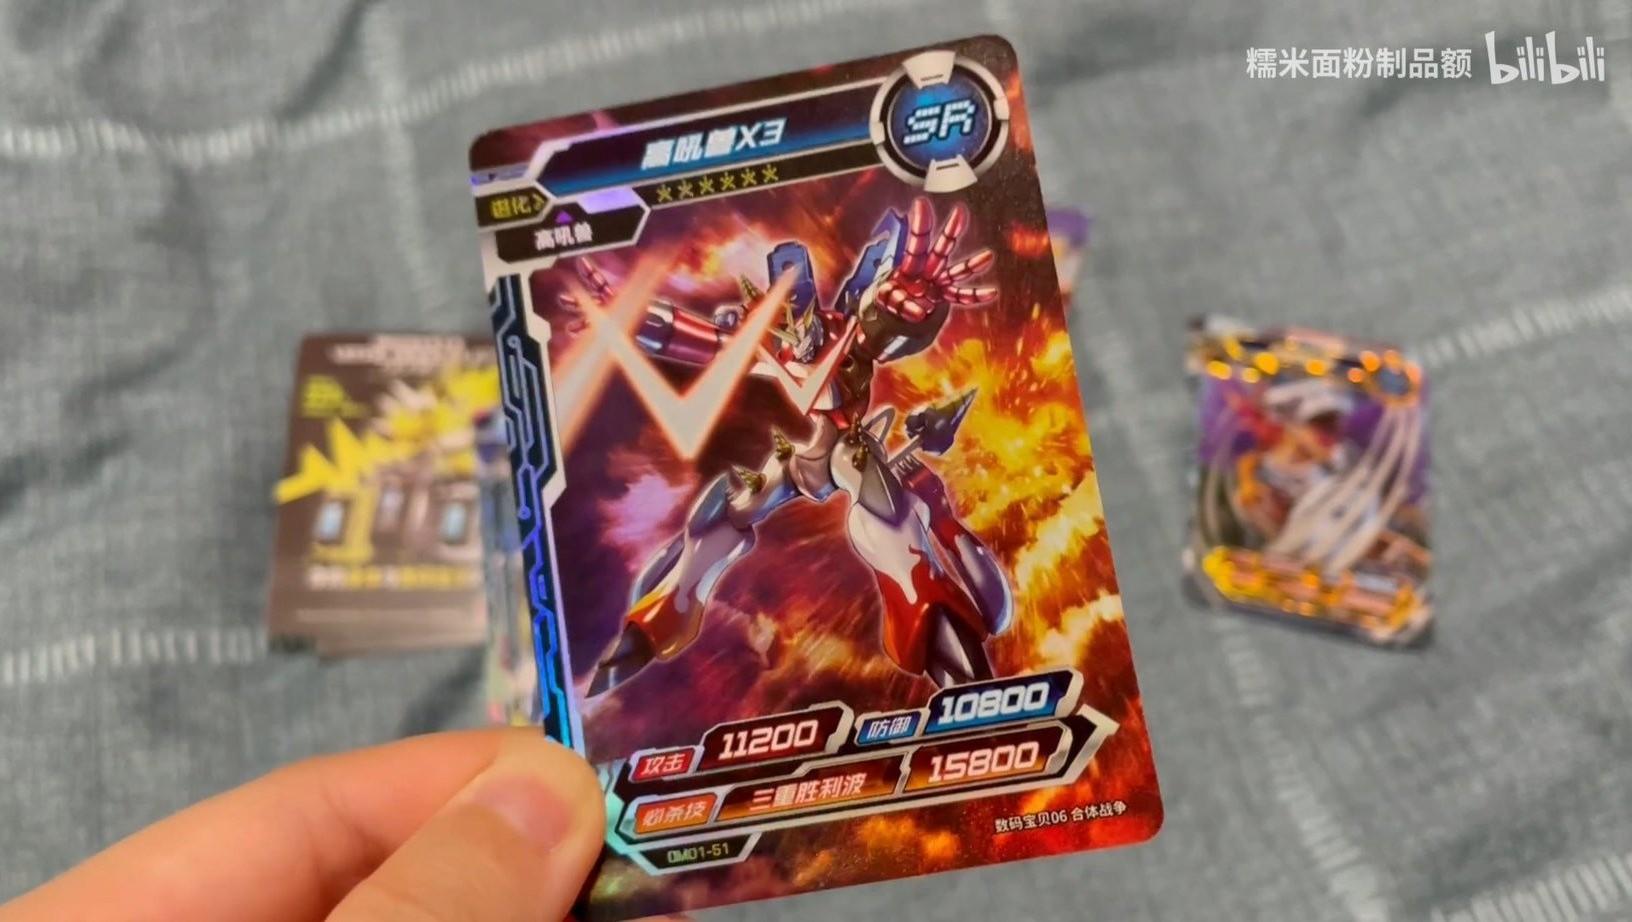 chinesecards10_september25_2021.jpg